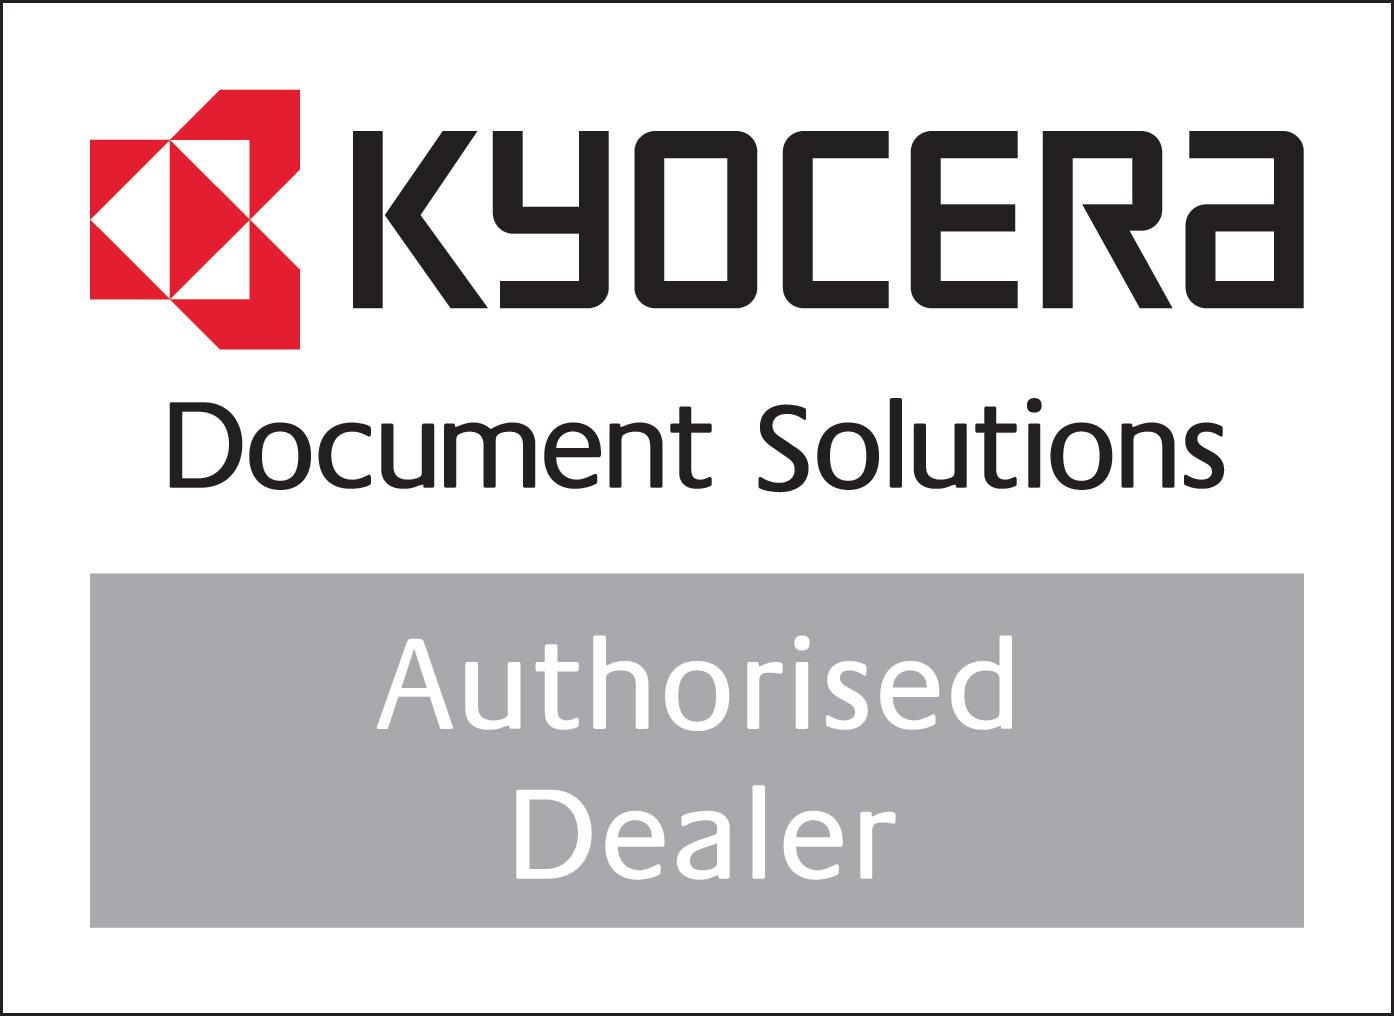 kyocera-footer-logo